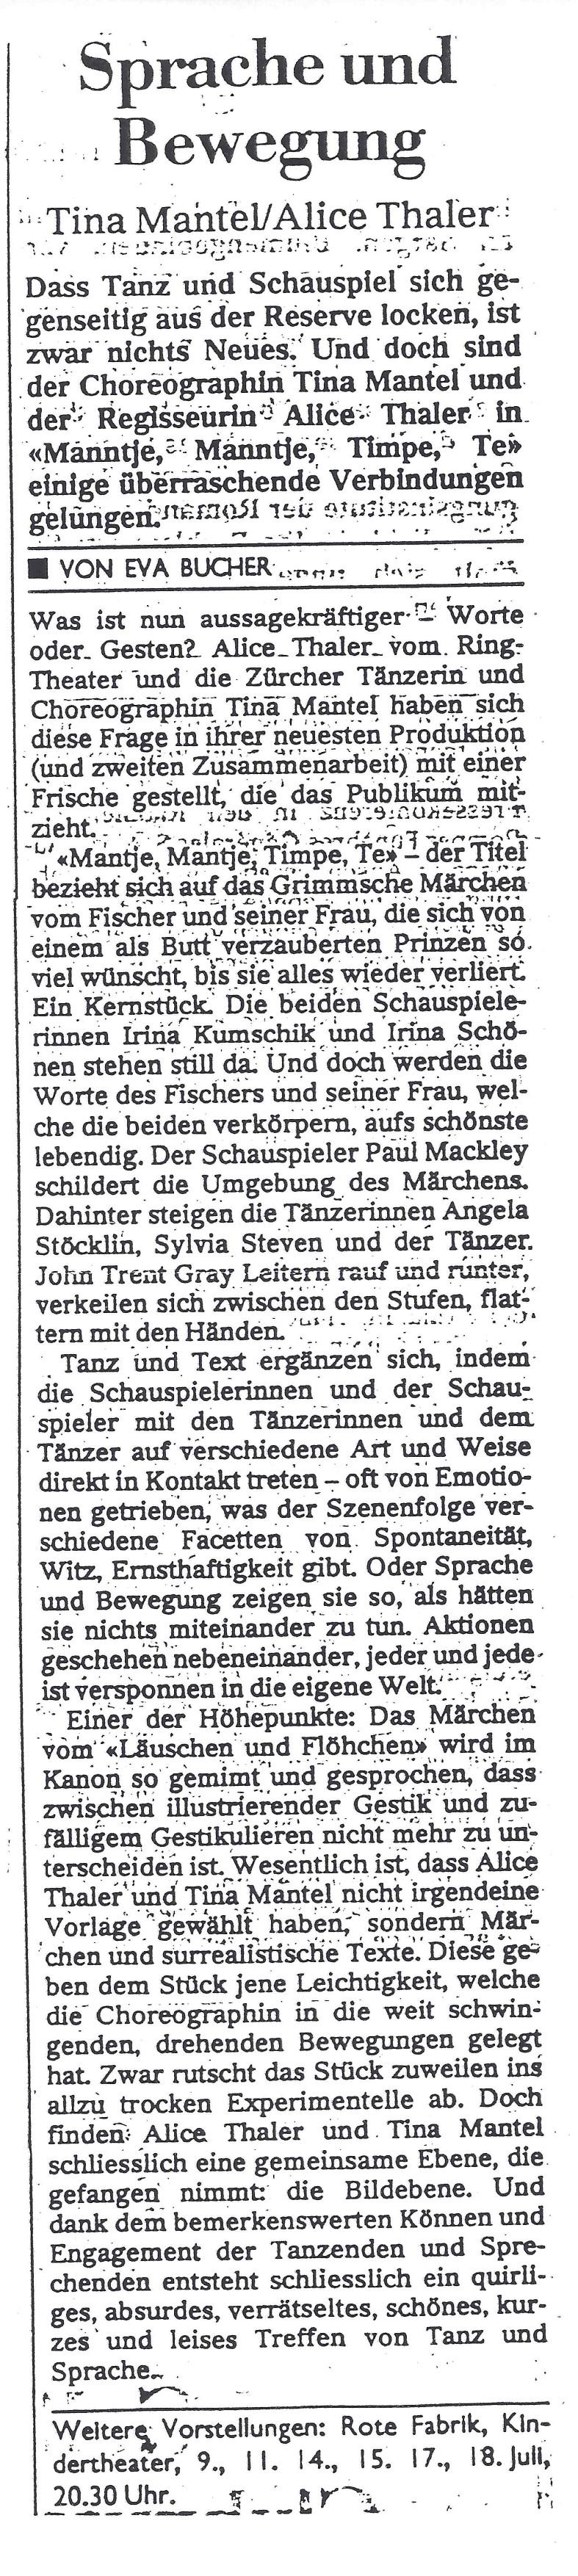 Manntje+Kritik+10.7.1993.jpg